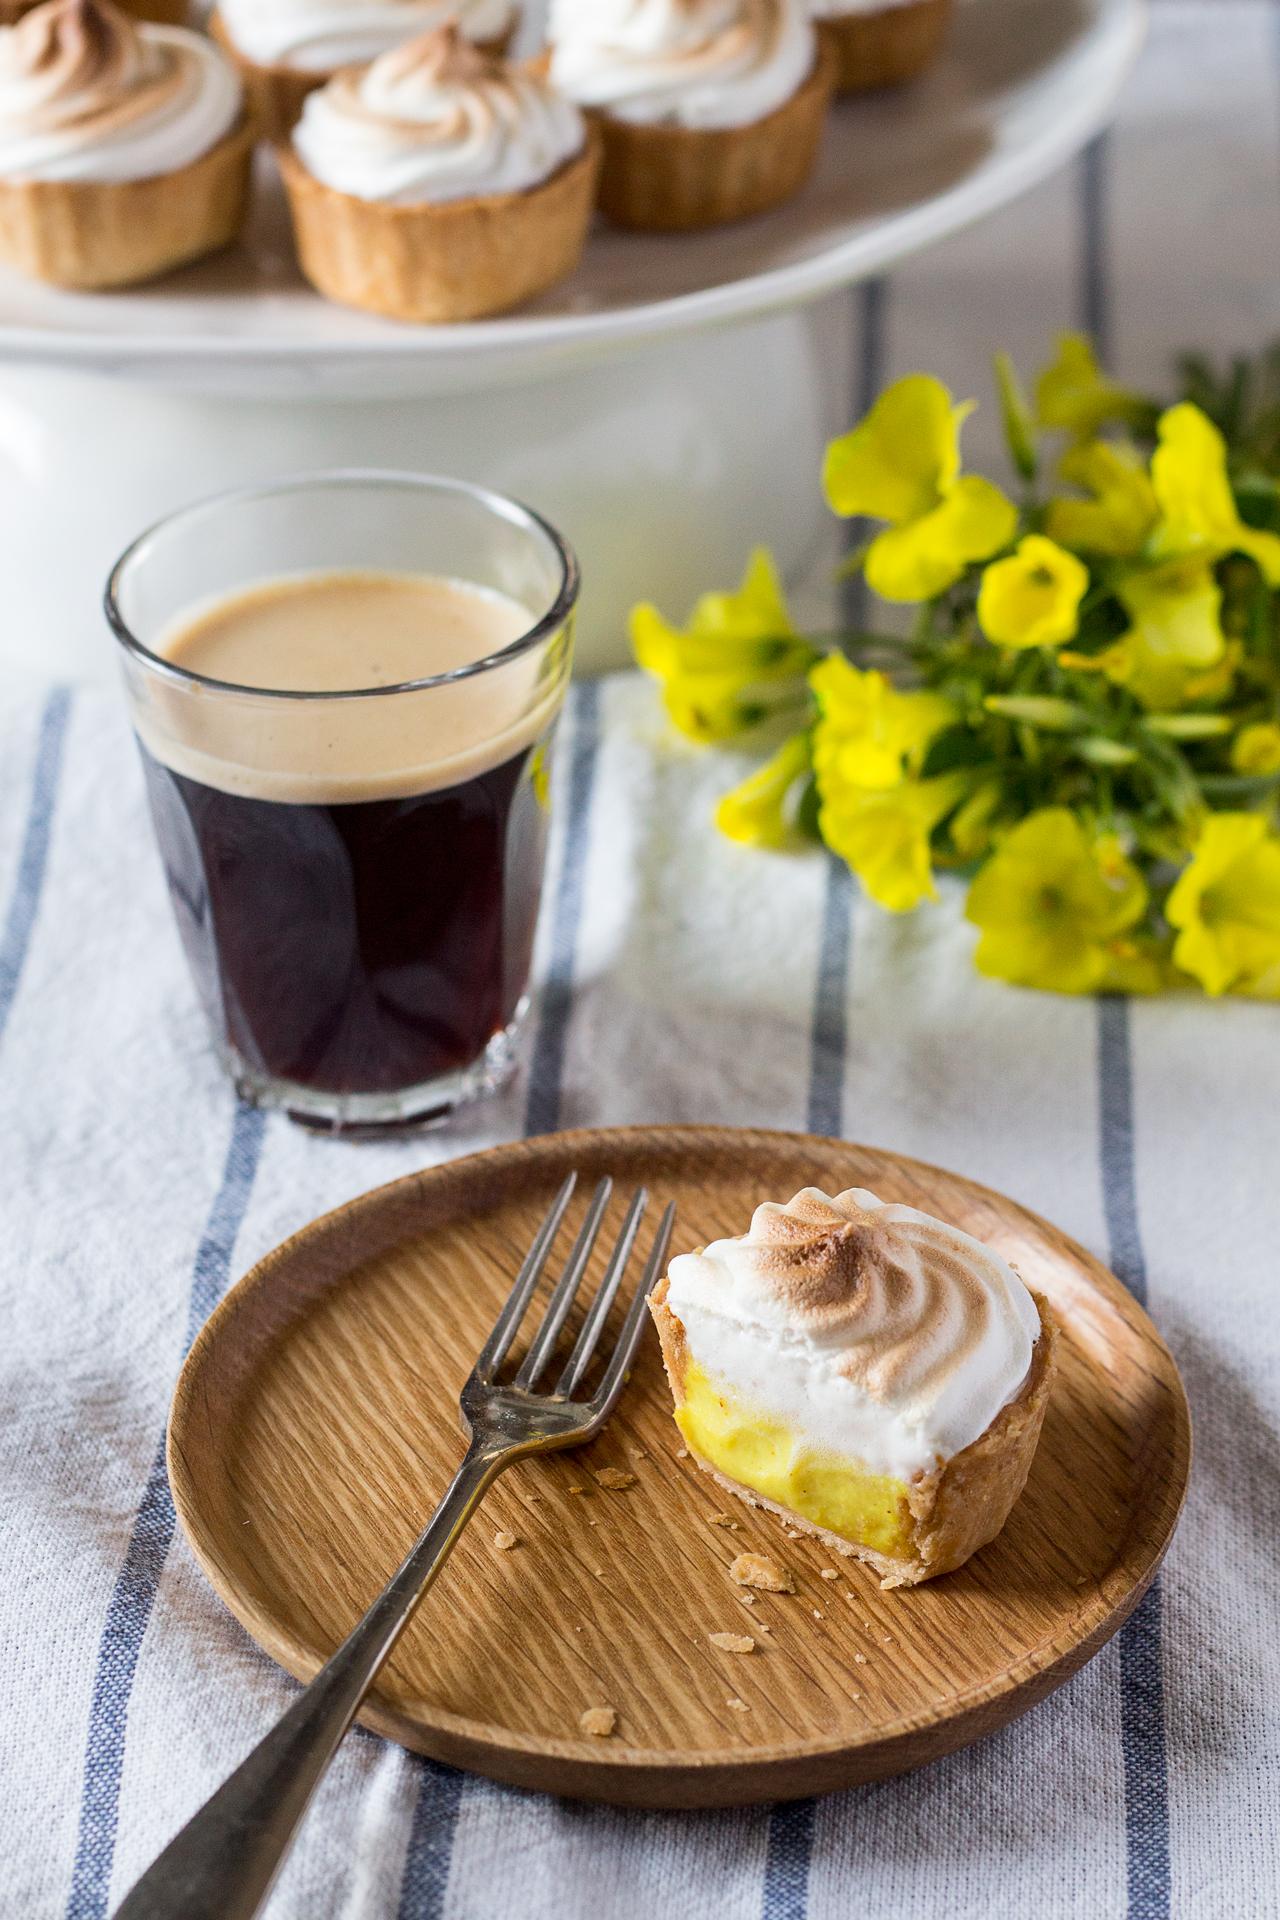 vegan lemon meringue pie and espresso